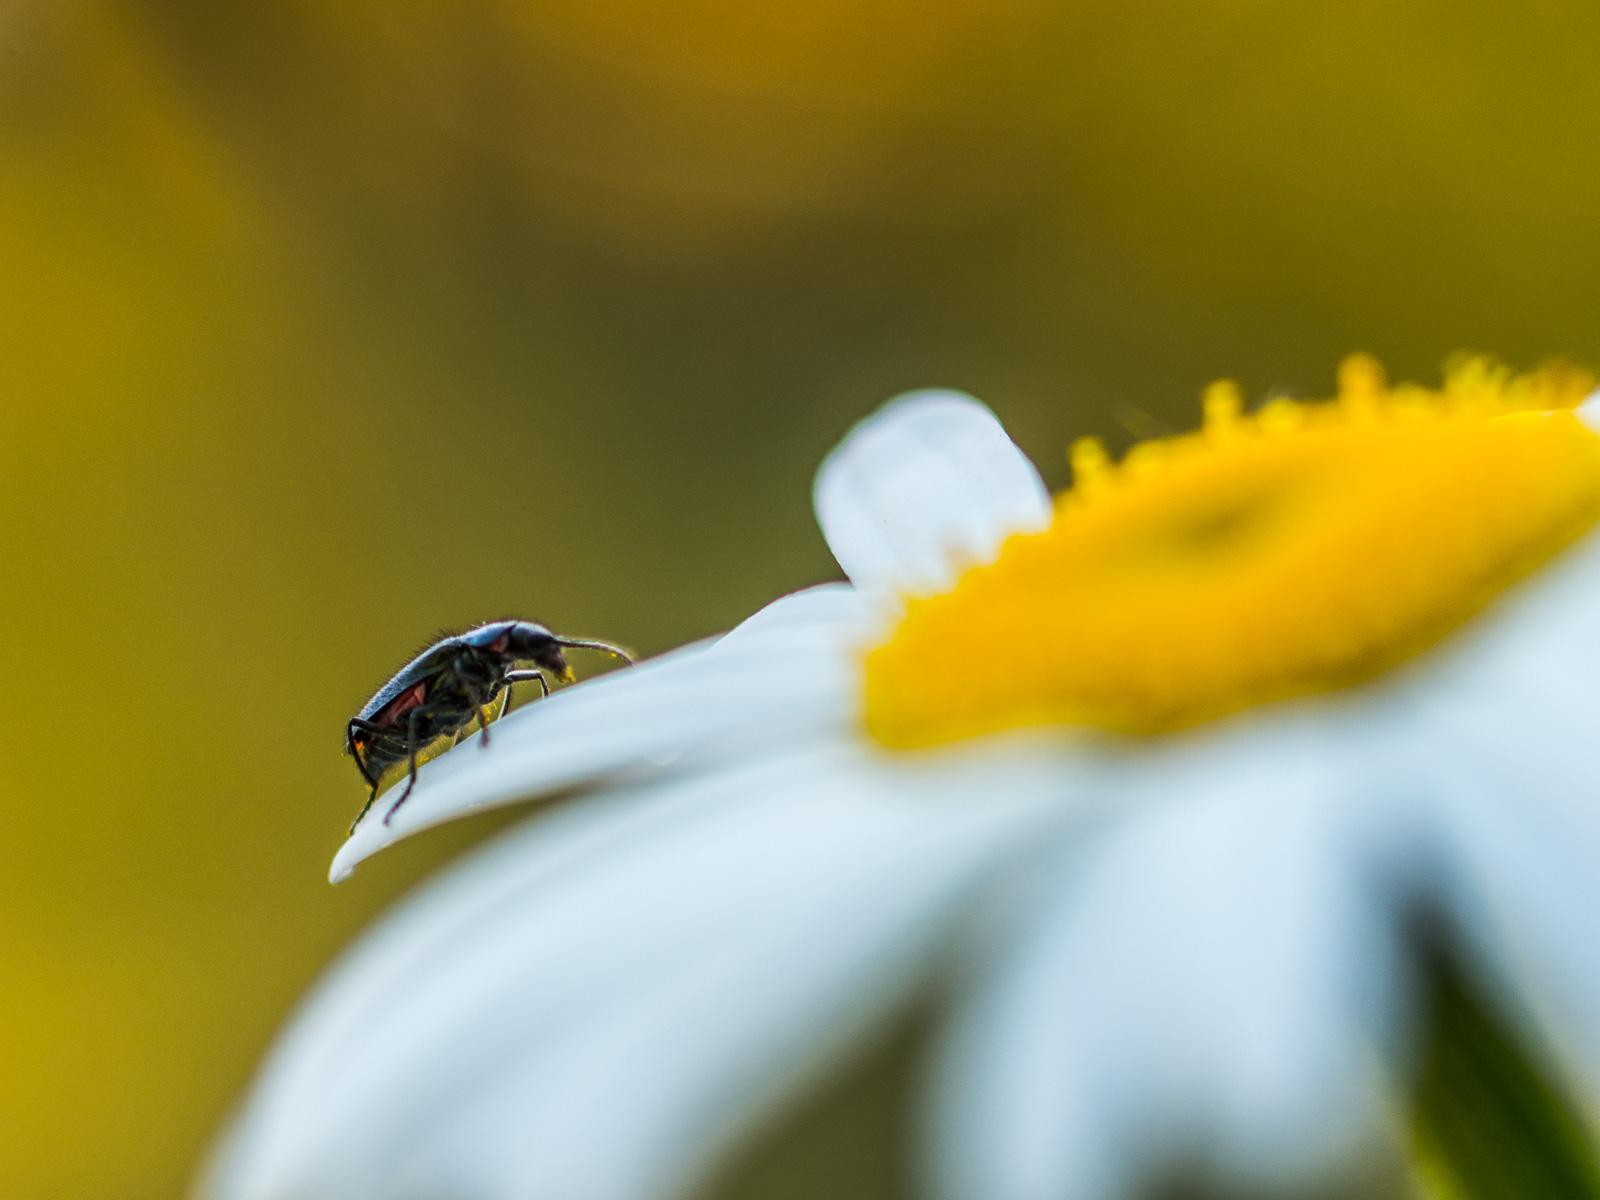 Margerite mit unbekanntem Käfer